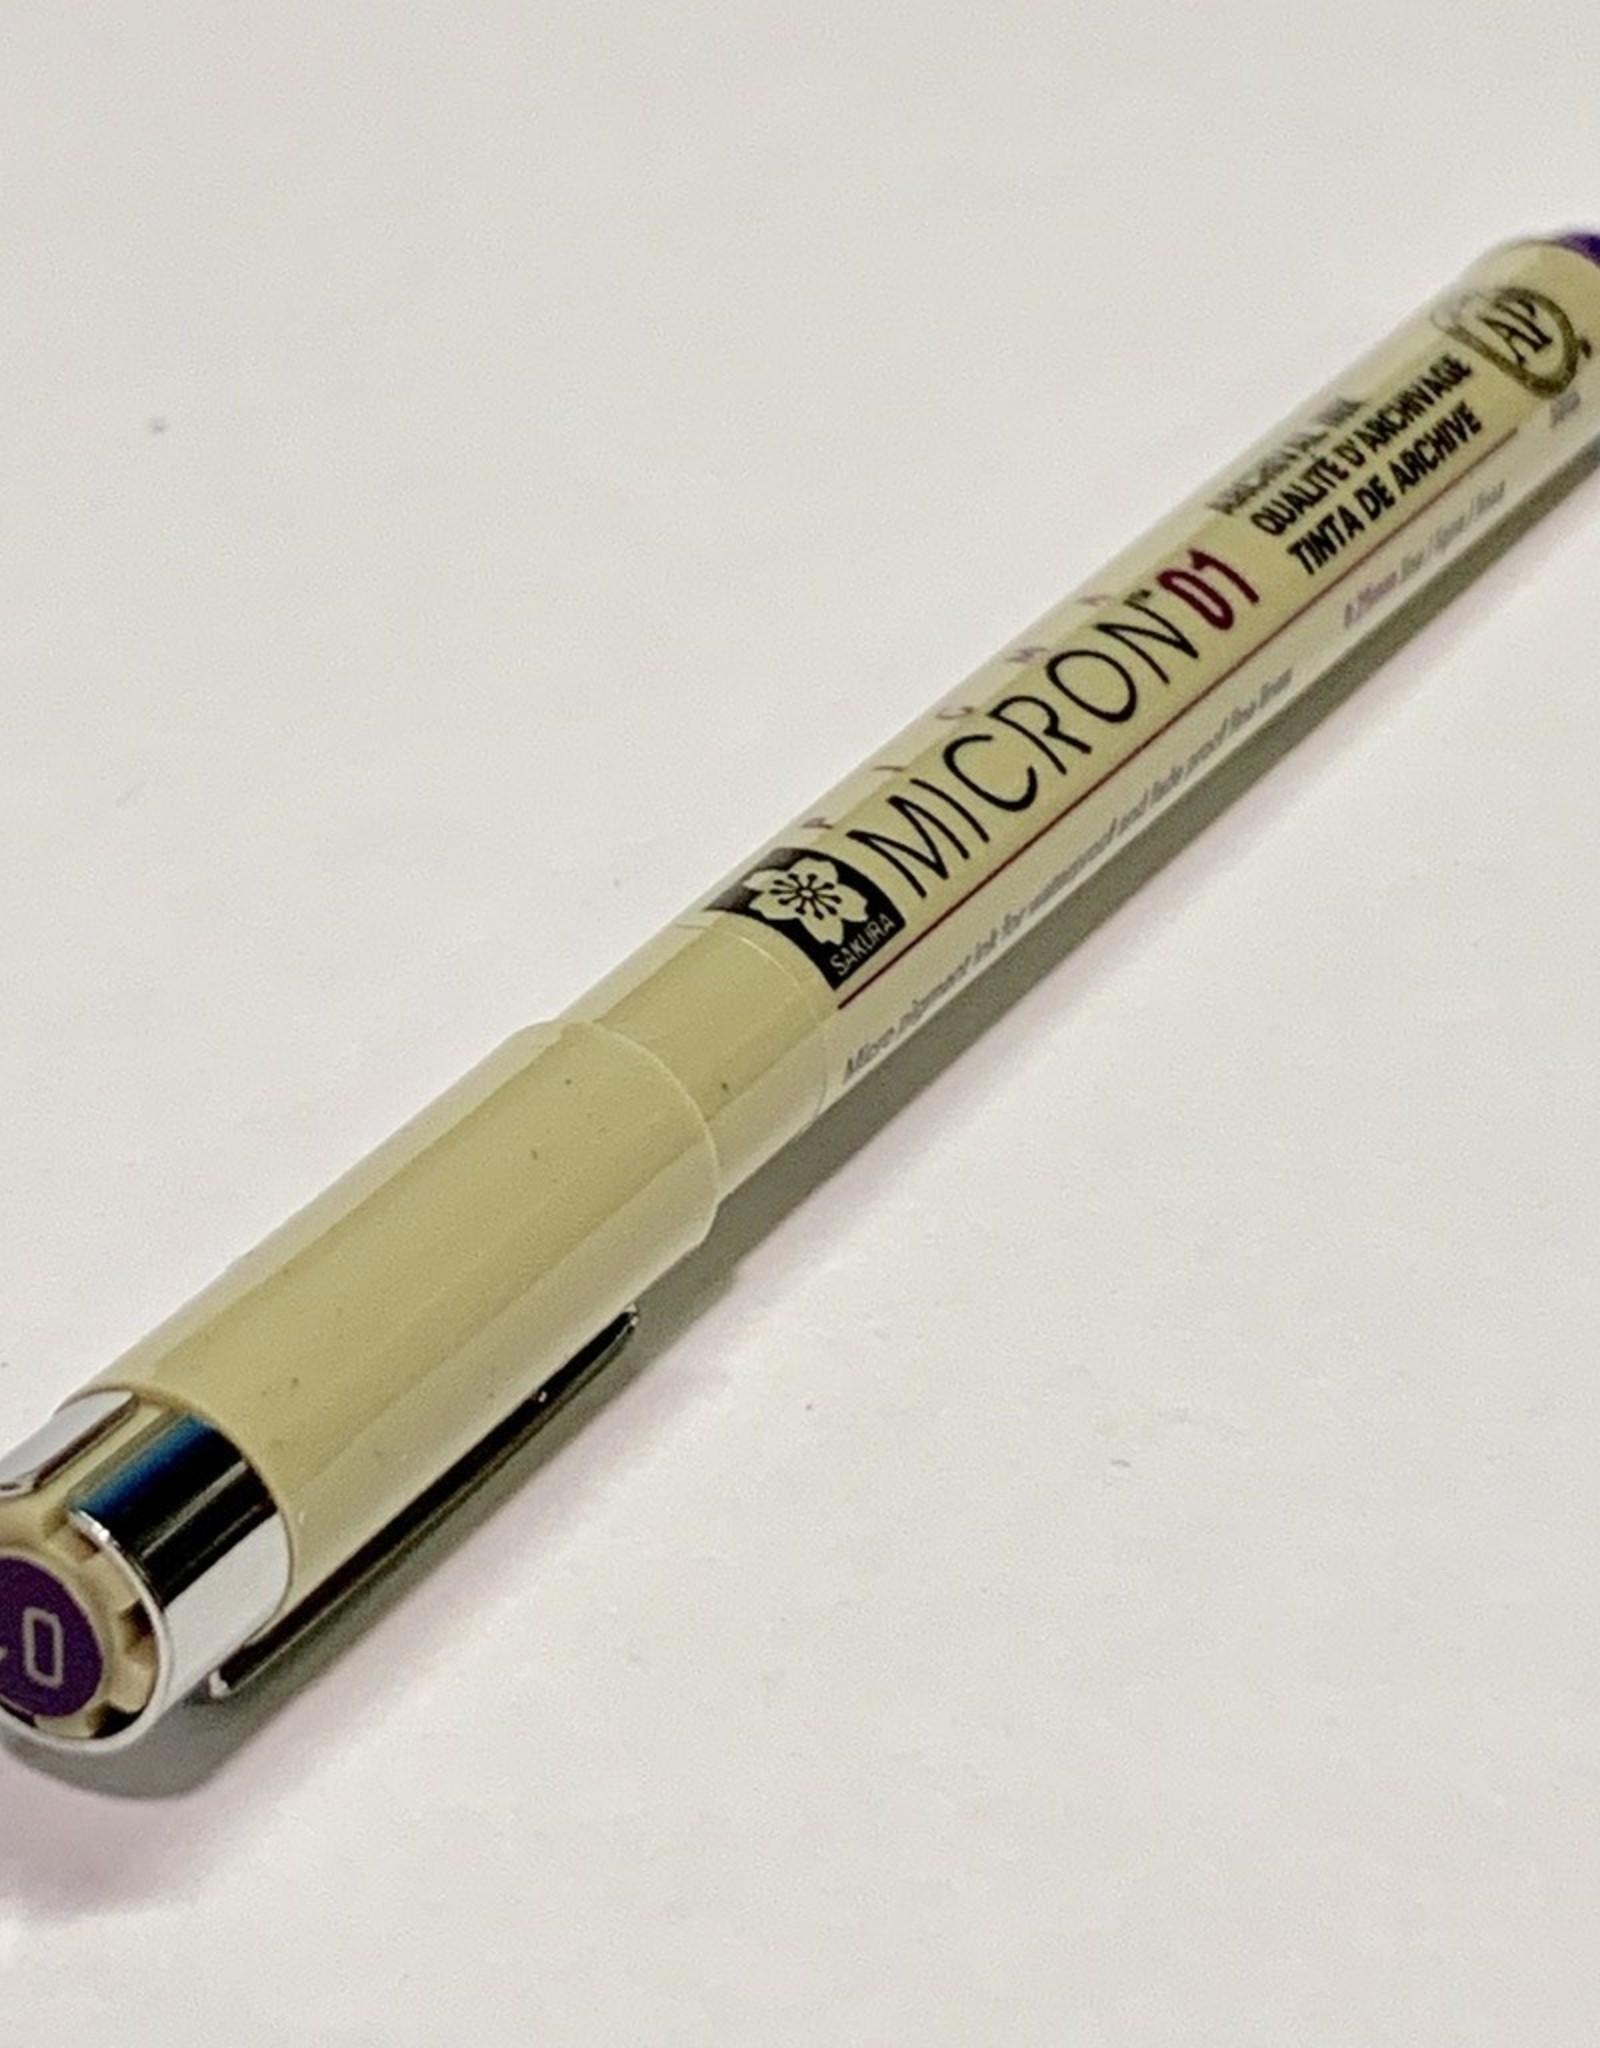 Micron Purple Pen 01 .25mm